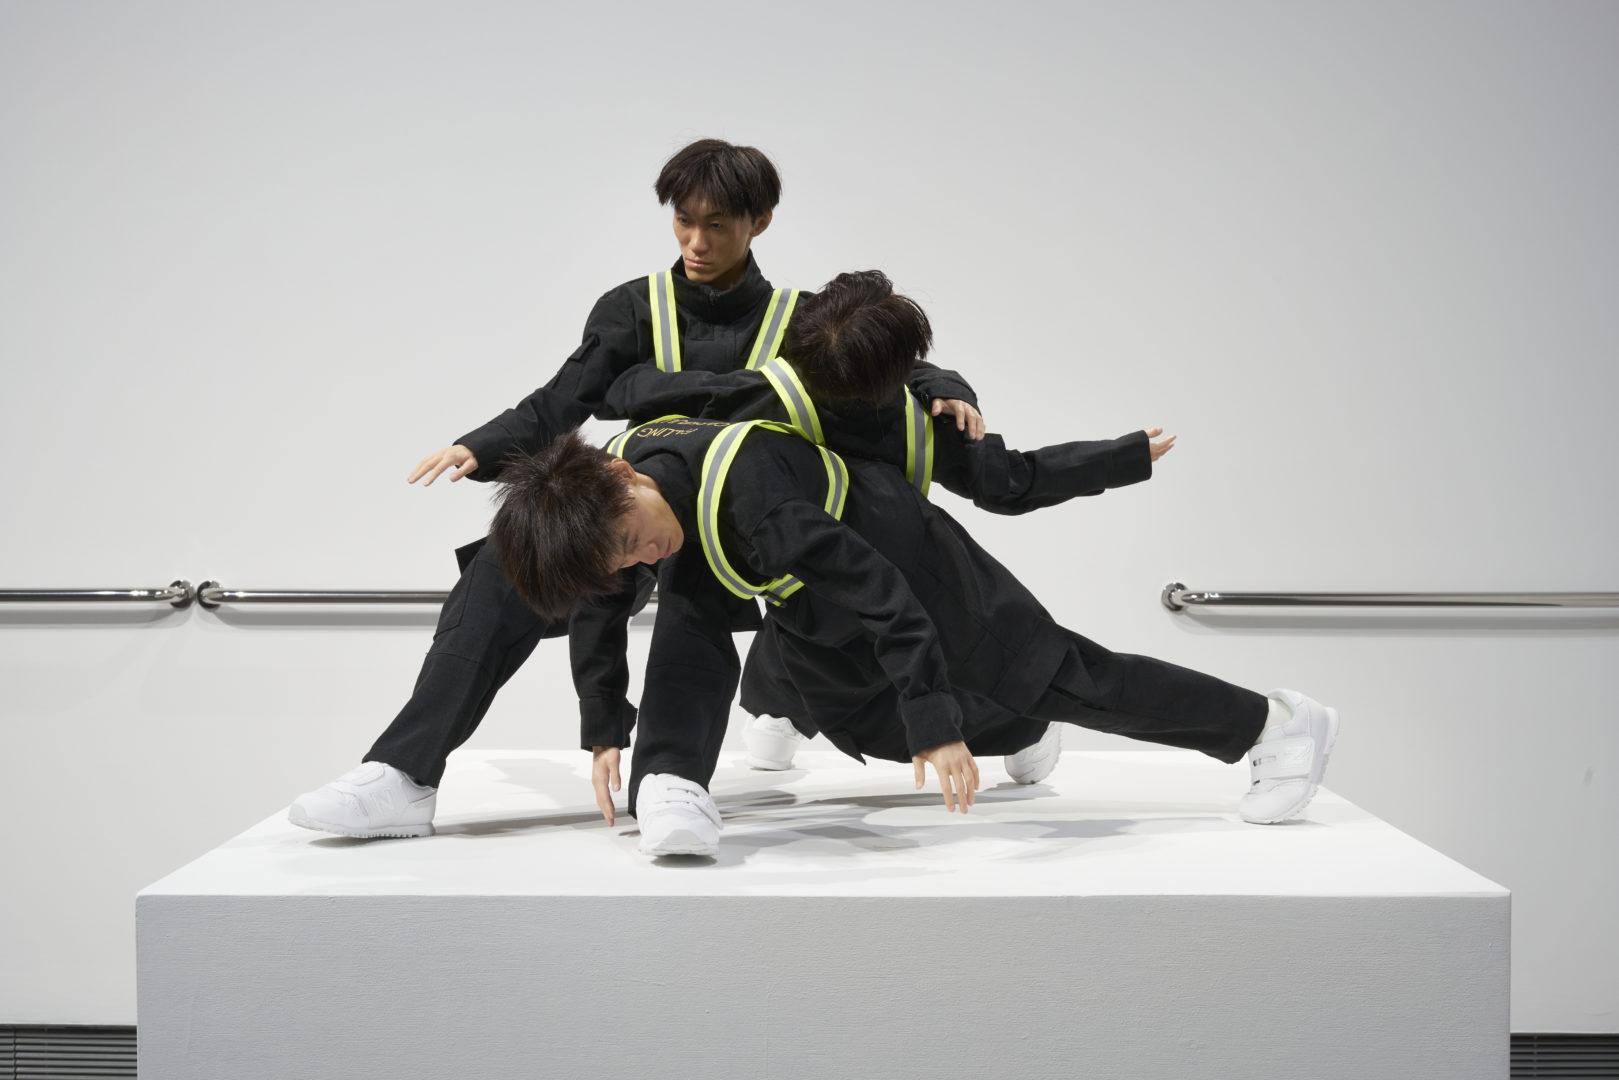 Isaac Chong Wai, Falling Carefully (2020). Courtesy of Asia Society, Blindspot Gallery and Zilberman.